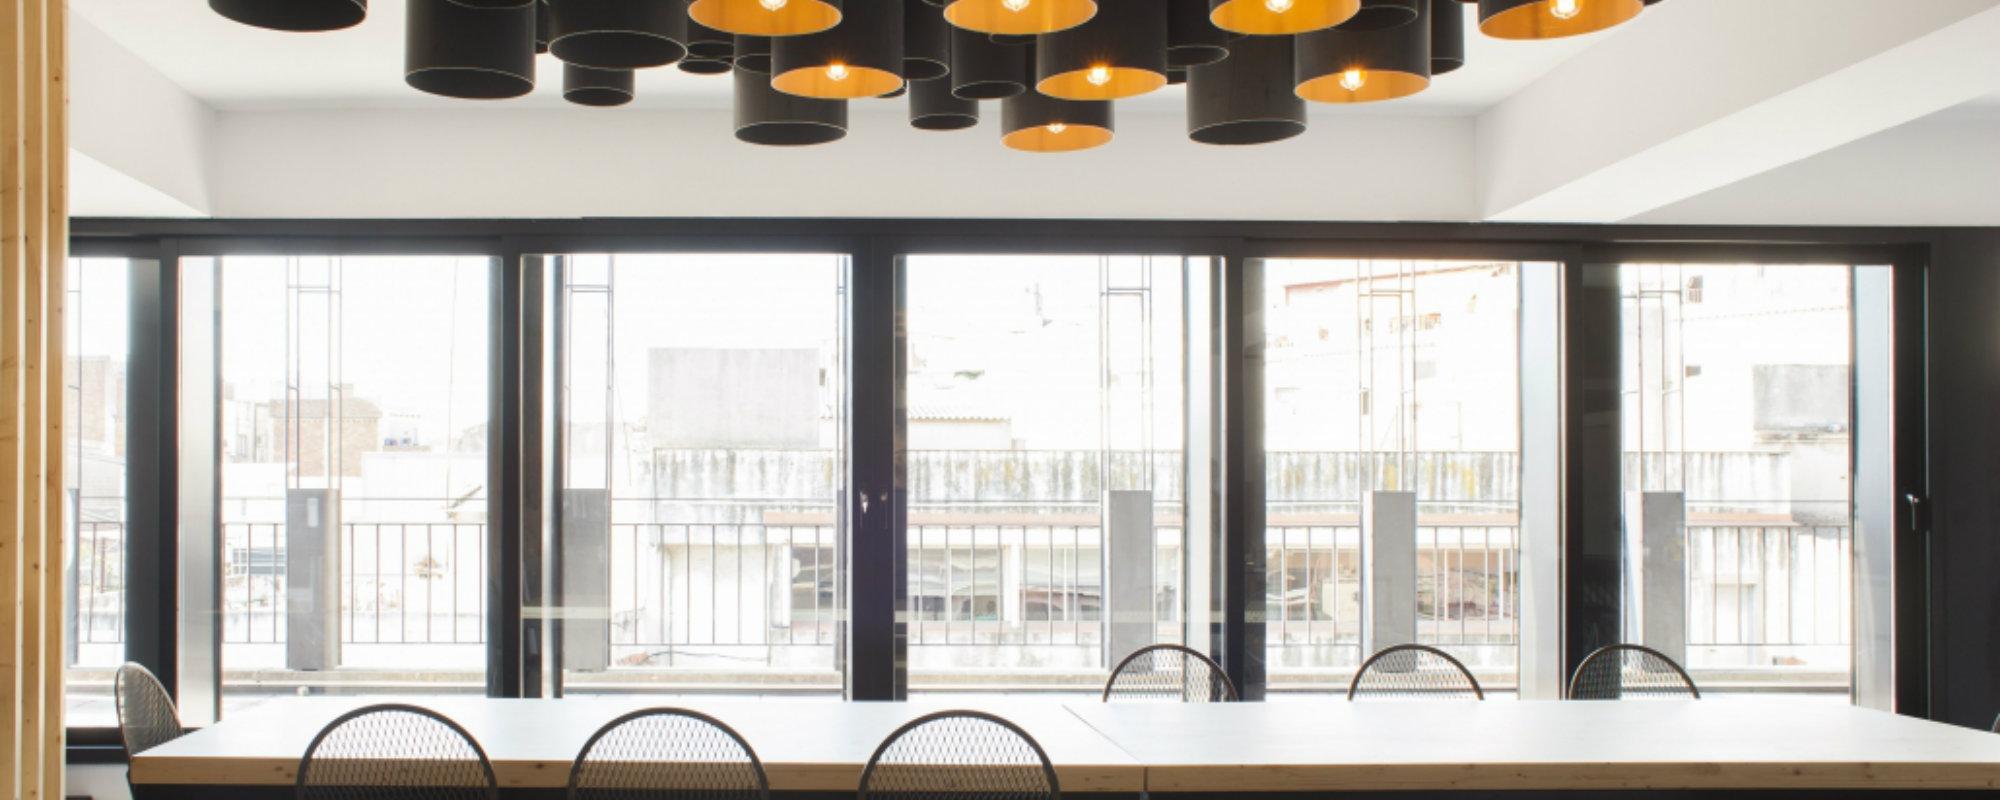 Arquitectura Barcelona: Vilalta una firma de interiorismo de proyectos lujuosos arquitectura barcelona Arquitectura Barcelona: Vilalta una firma de interiorismo de proyectos lujuosos Featured 1